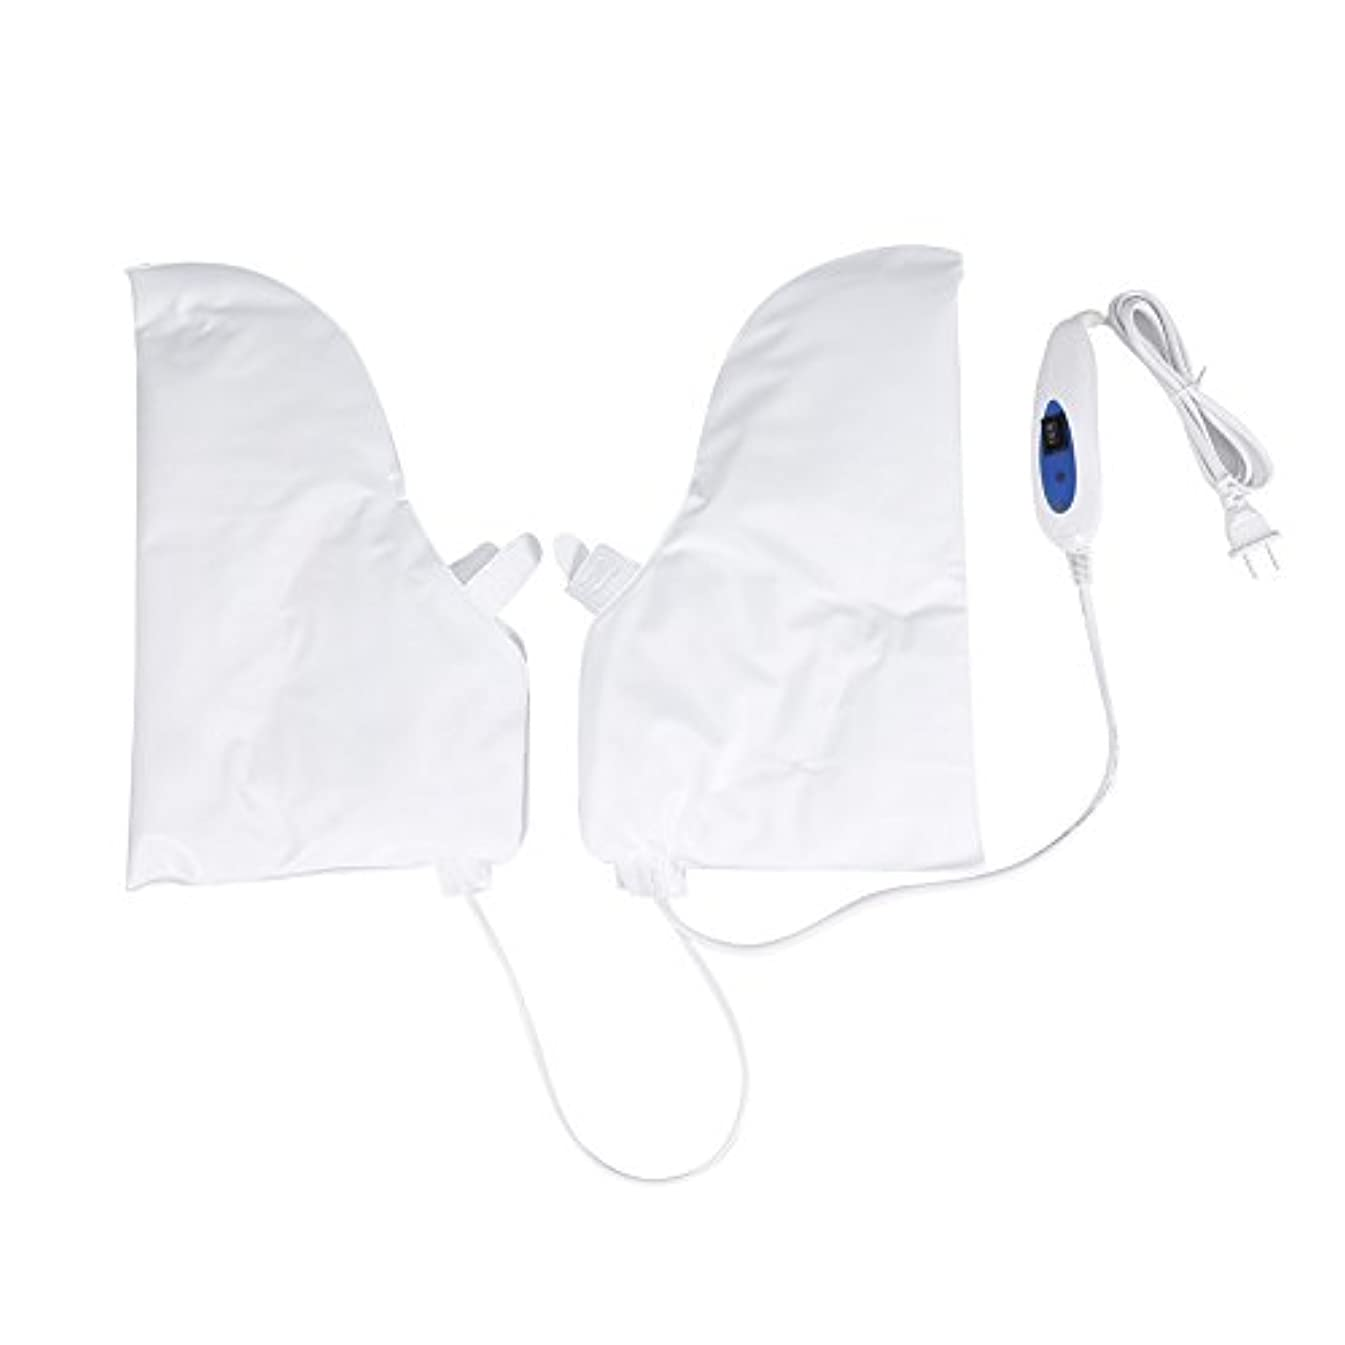 ポゴスティックジャンプ優雅な悪名高いハンドケア フットカバー 2 in 1 蒸し手袋 うるおい 保湿 保護 乾燥対策 手荒れ対策 補水 保湿 美白 しっとり 美容 手袋 加熱式 電熱手袋